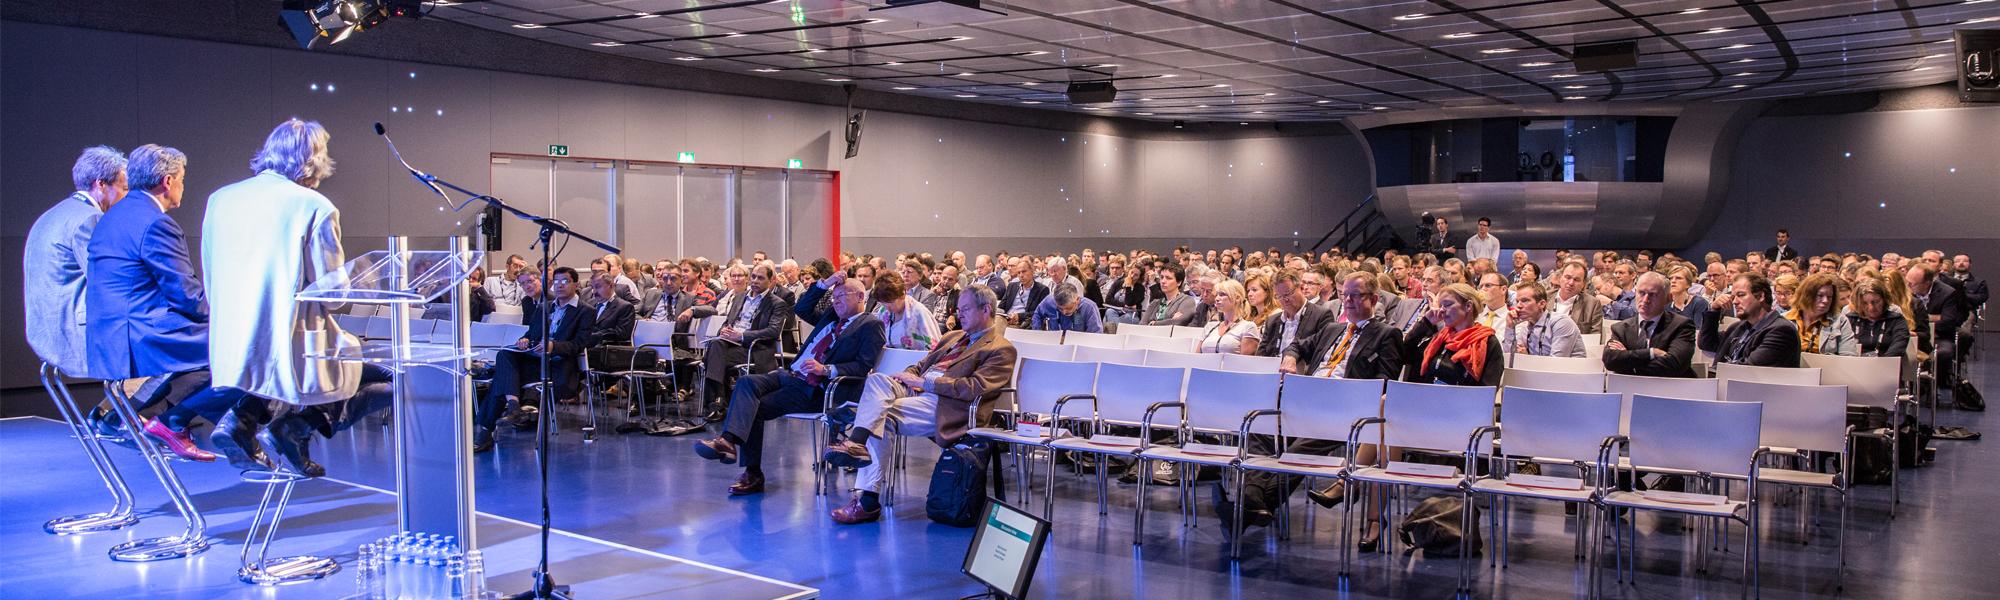 BFoto event fotografie Jaarbeurs Utrecht